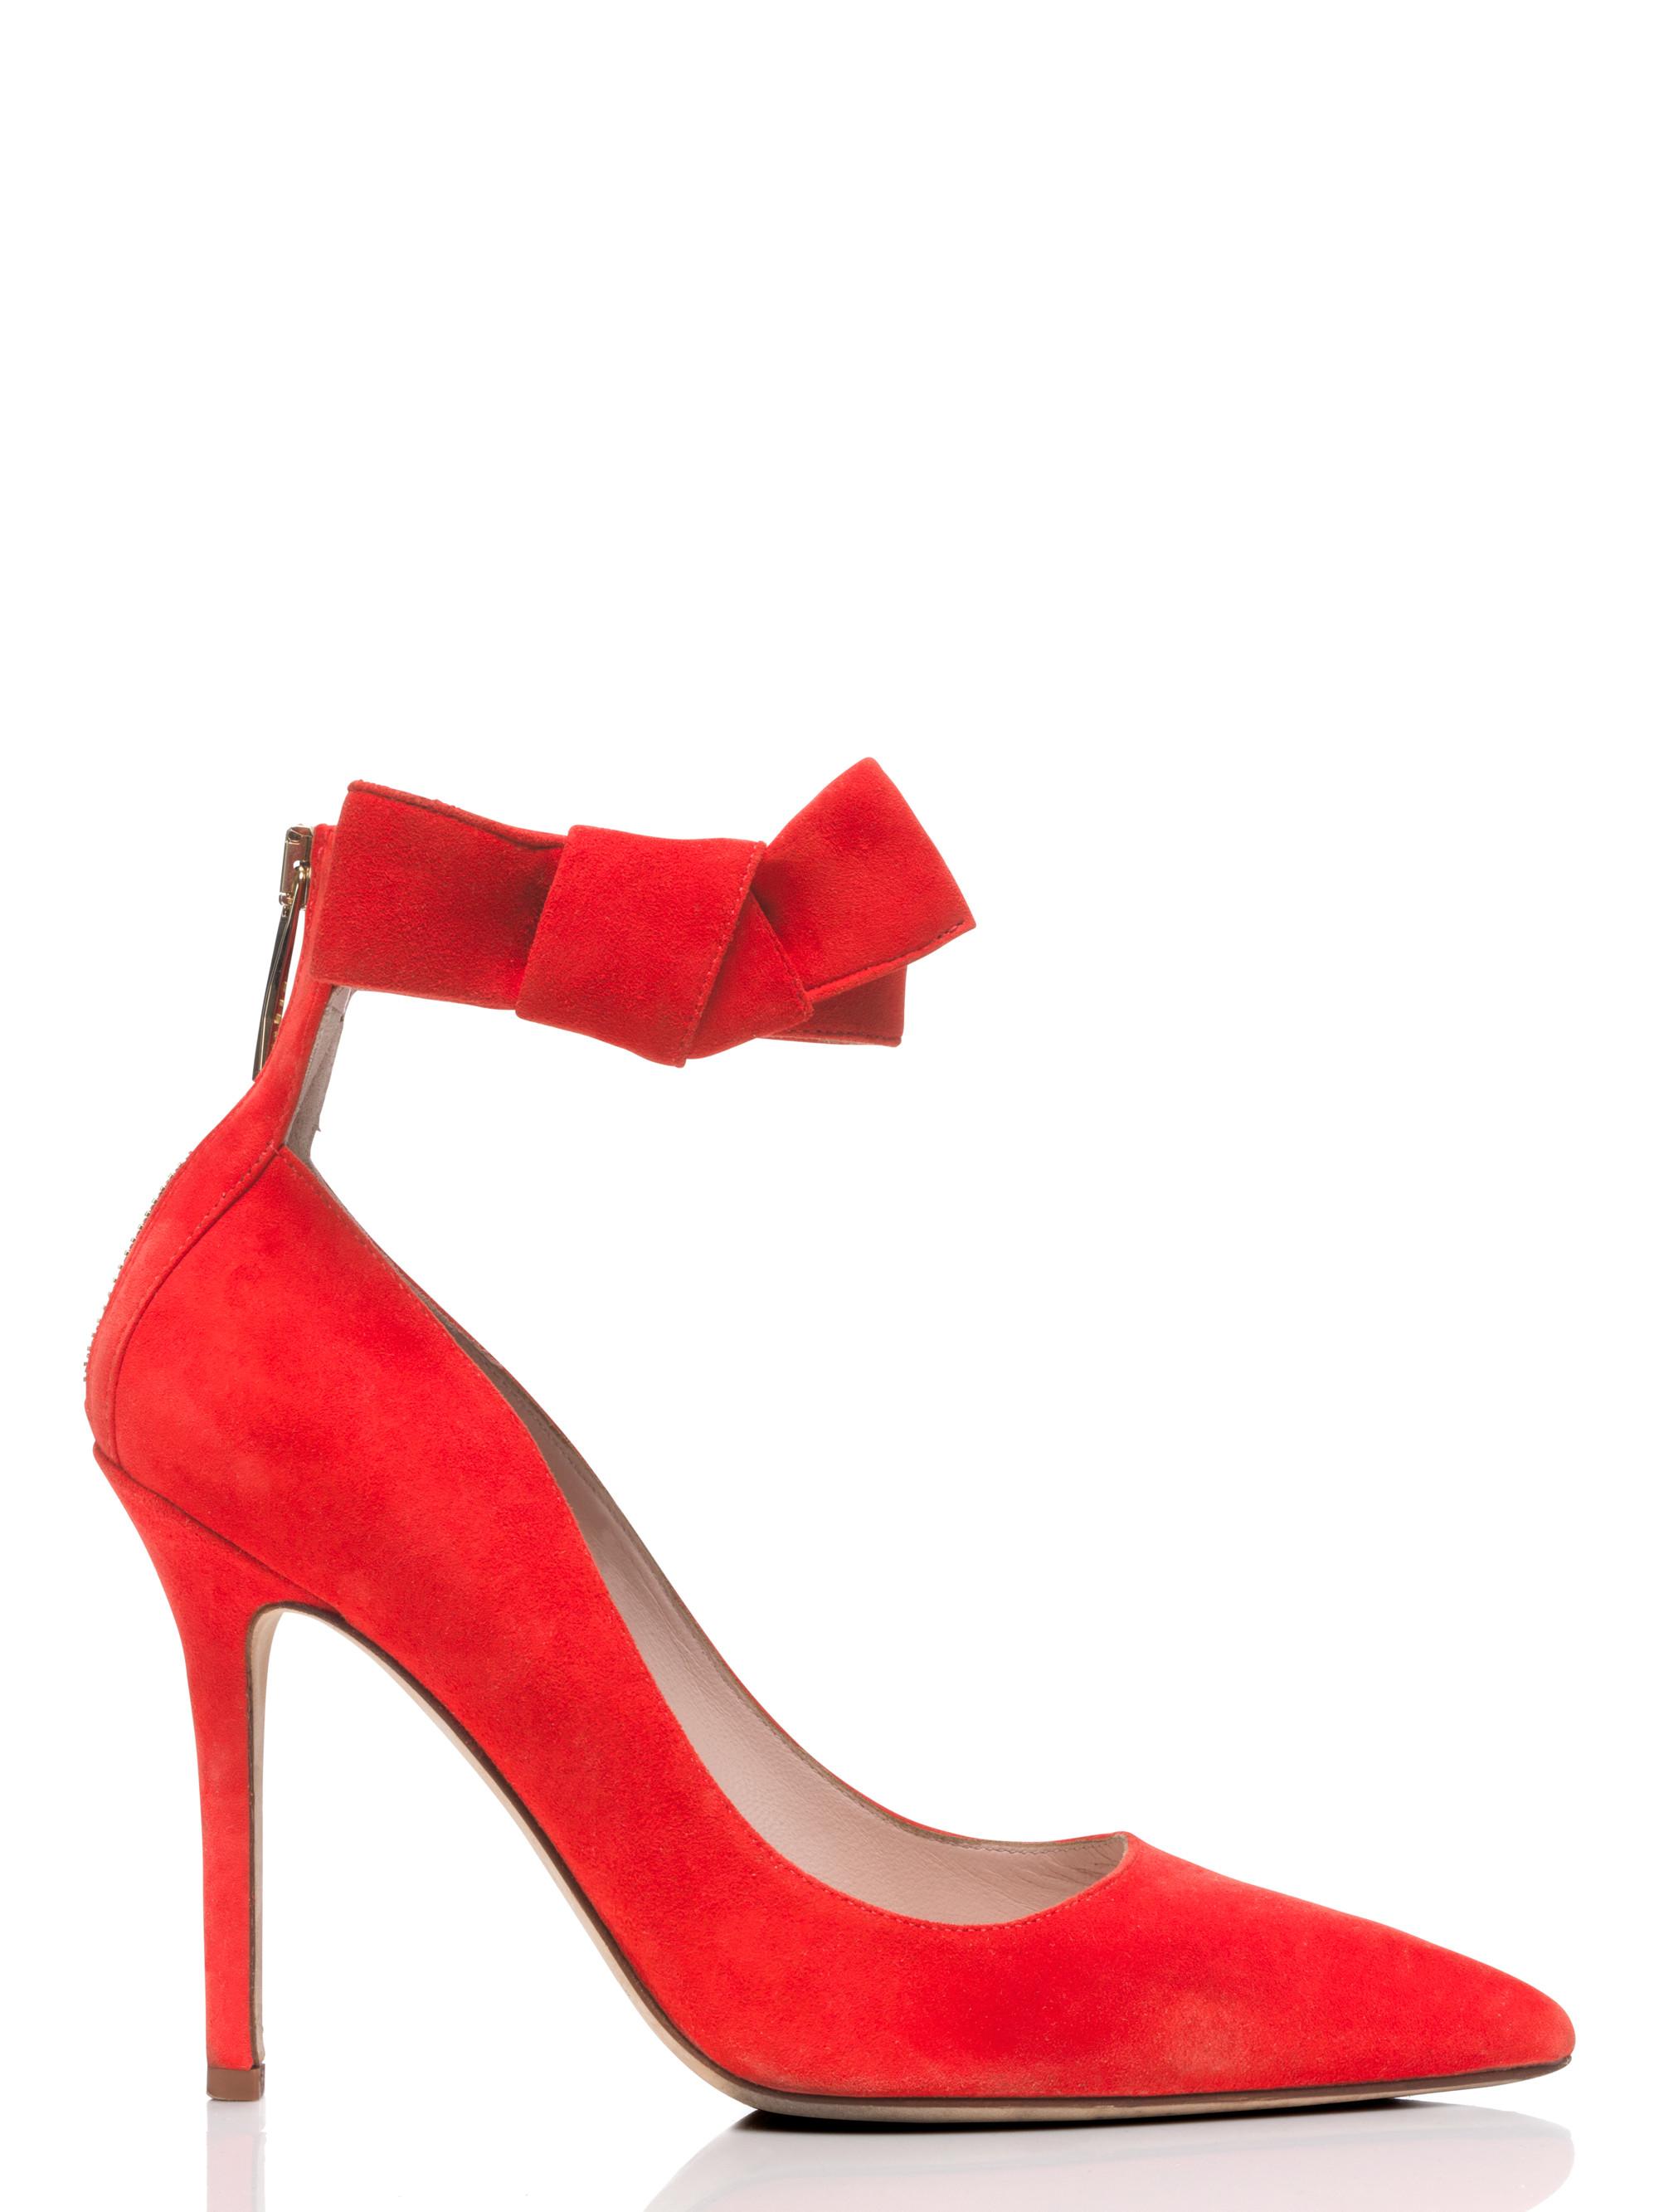 57c13748fb19 Kate spade new york levie heels in red lyst jpg 2000x2666 Kate spade lynne  heels